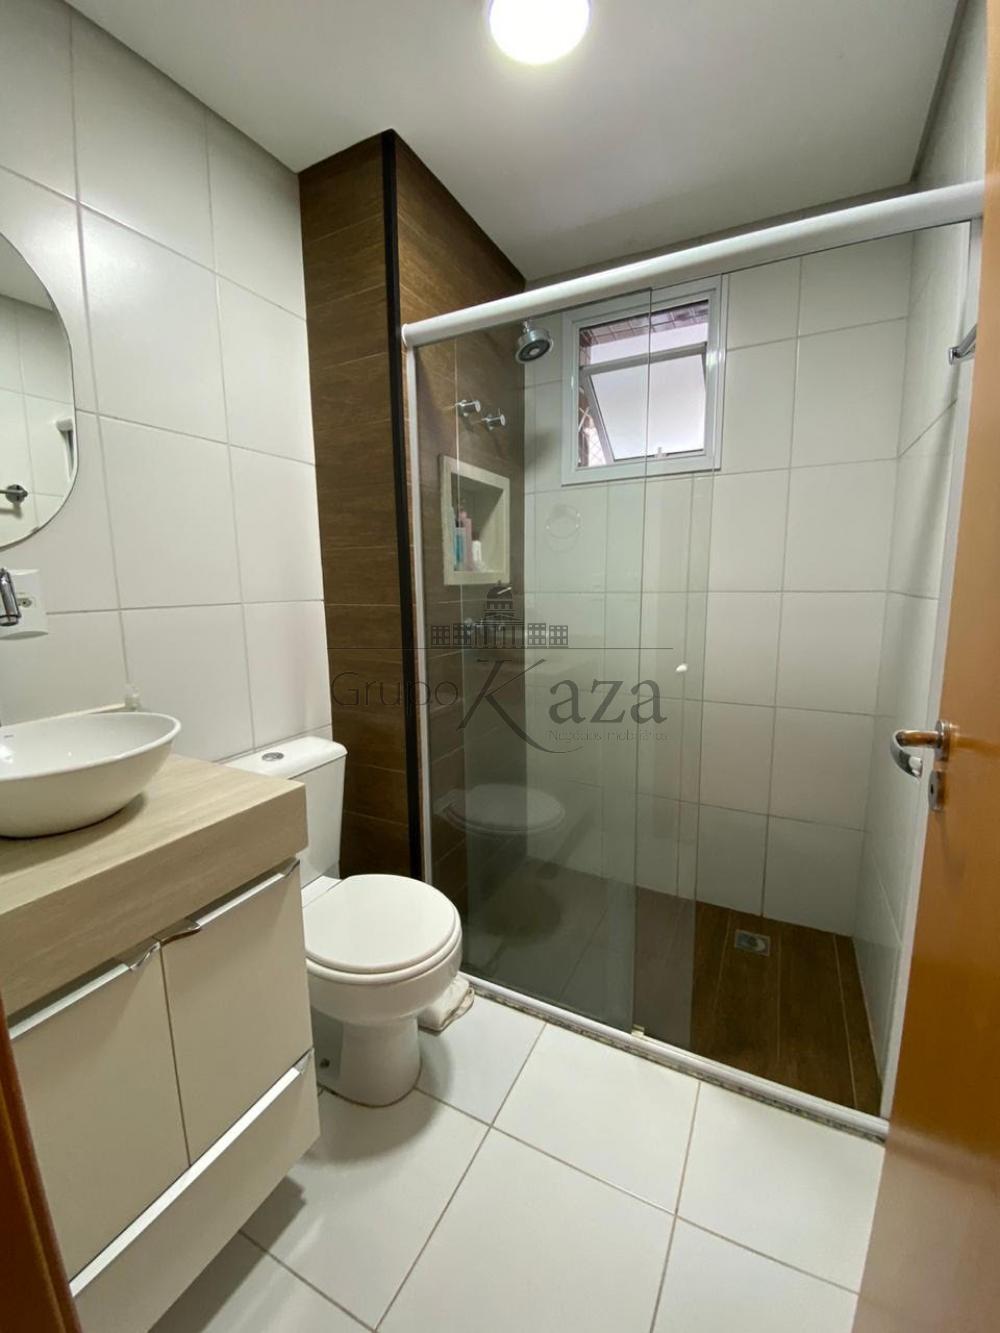 Comprar Apartamento / Padrão em São José dos Campos R$ 690.000,00 - Foto 17